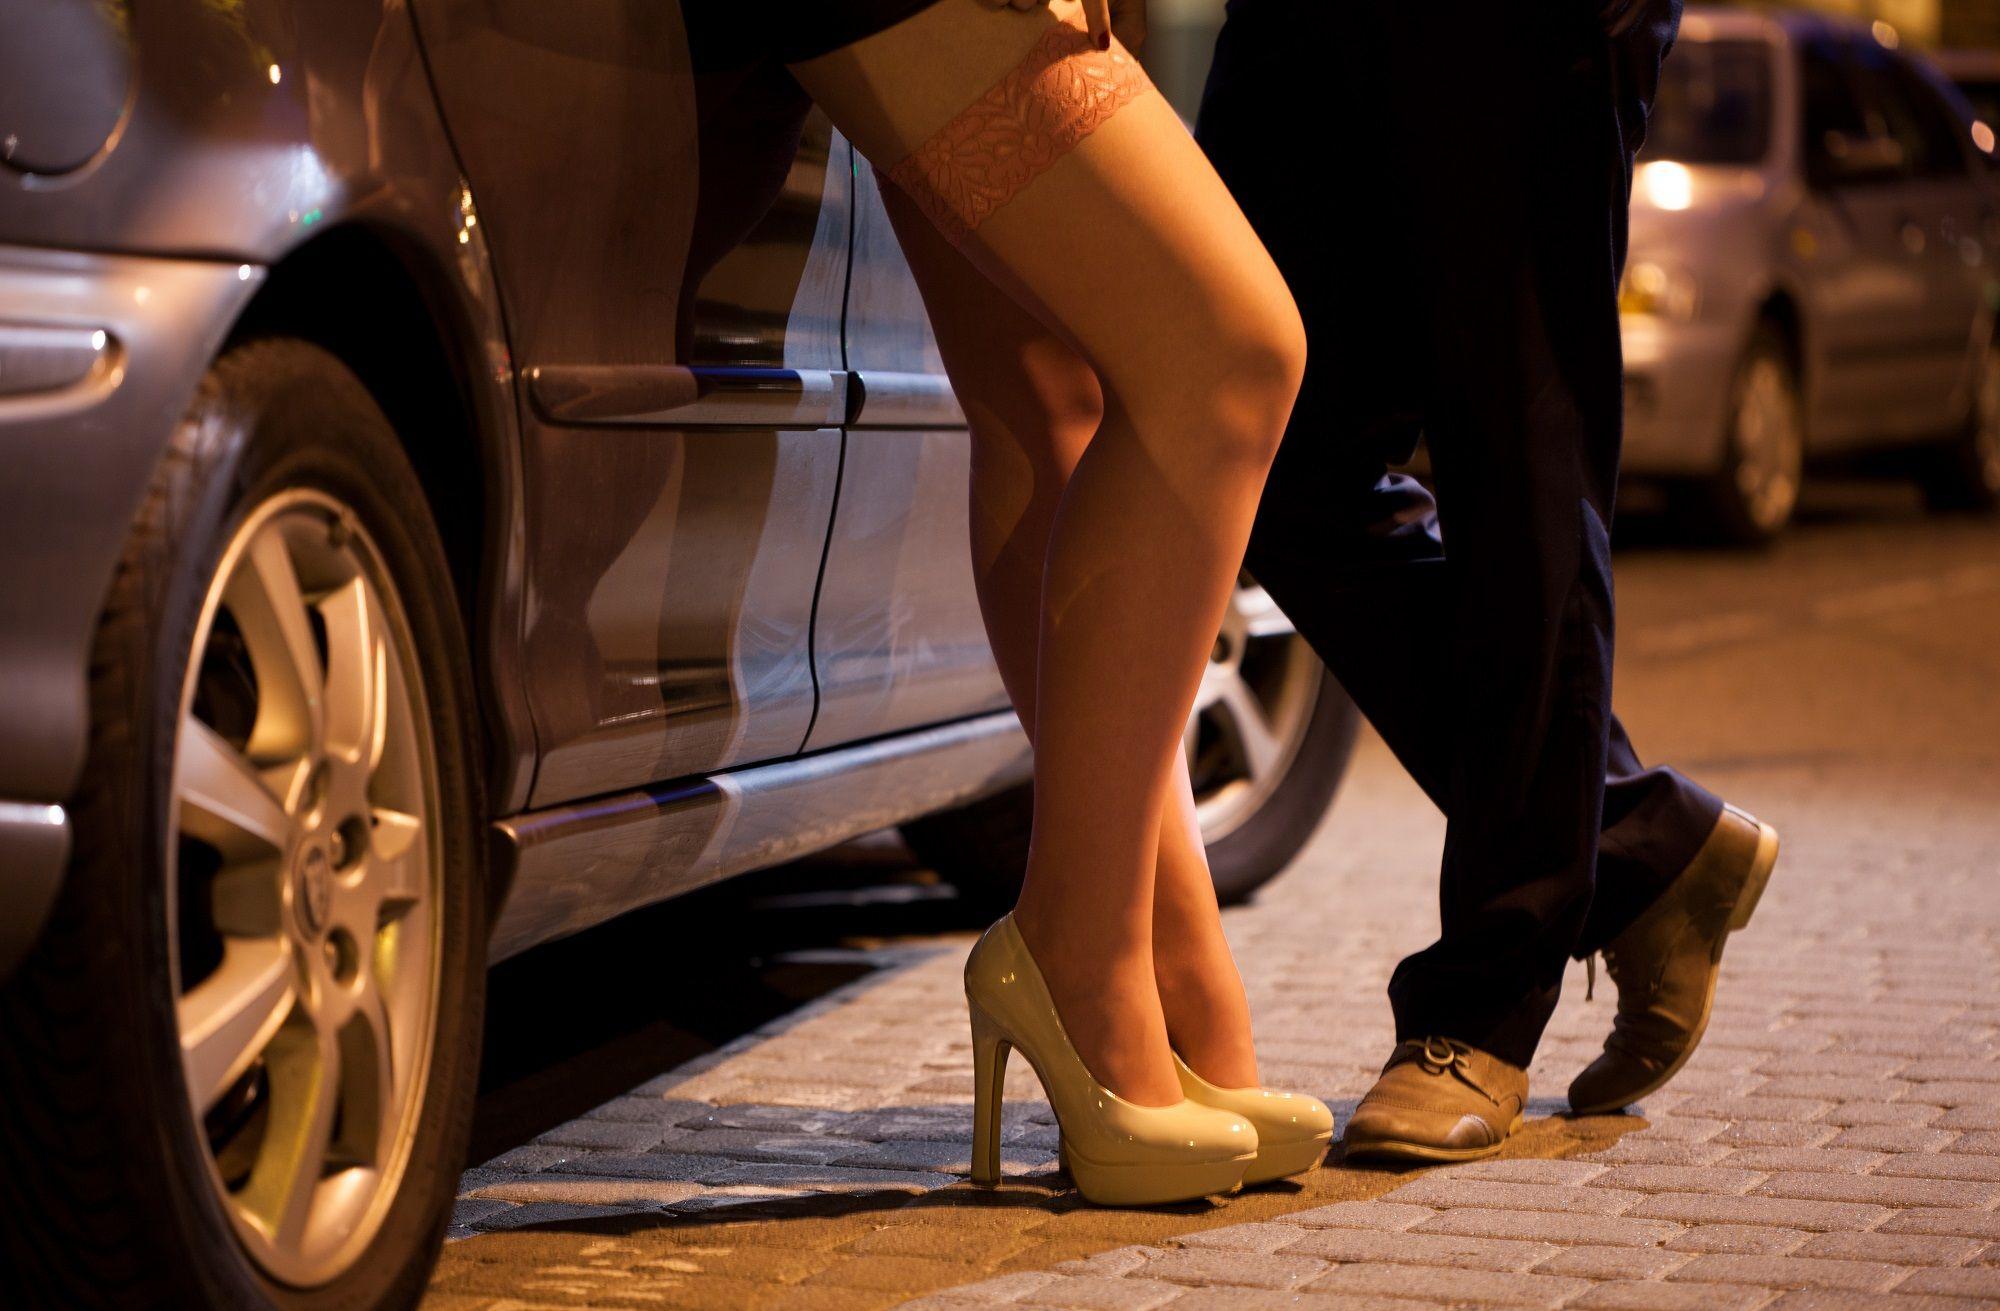 shutterstock_Prostitute